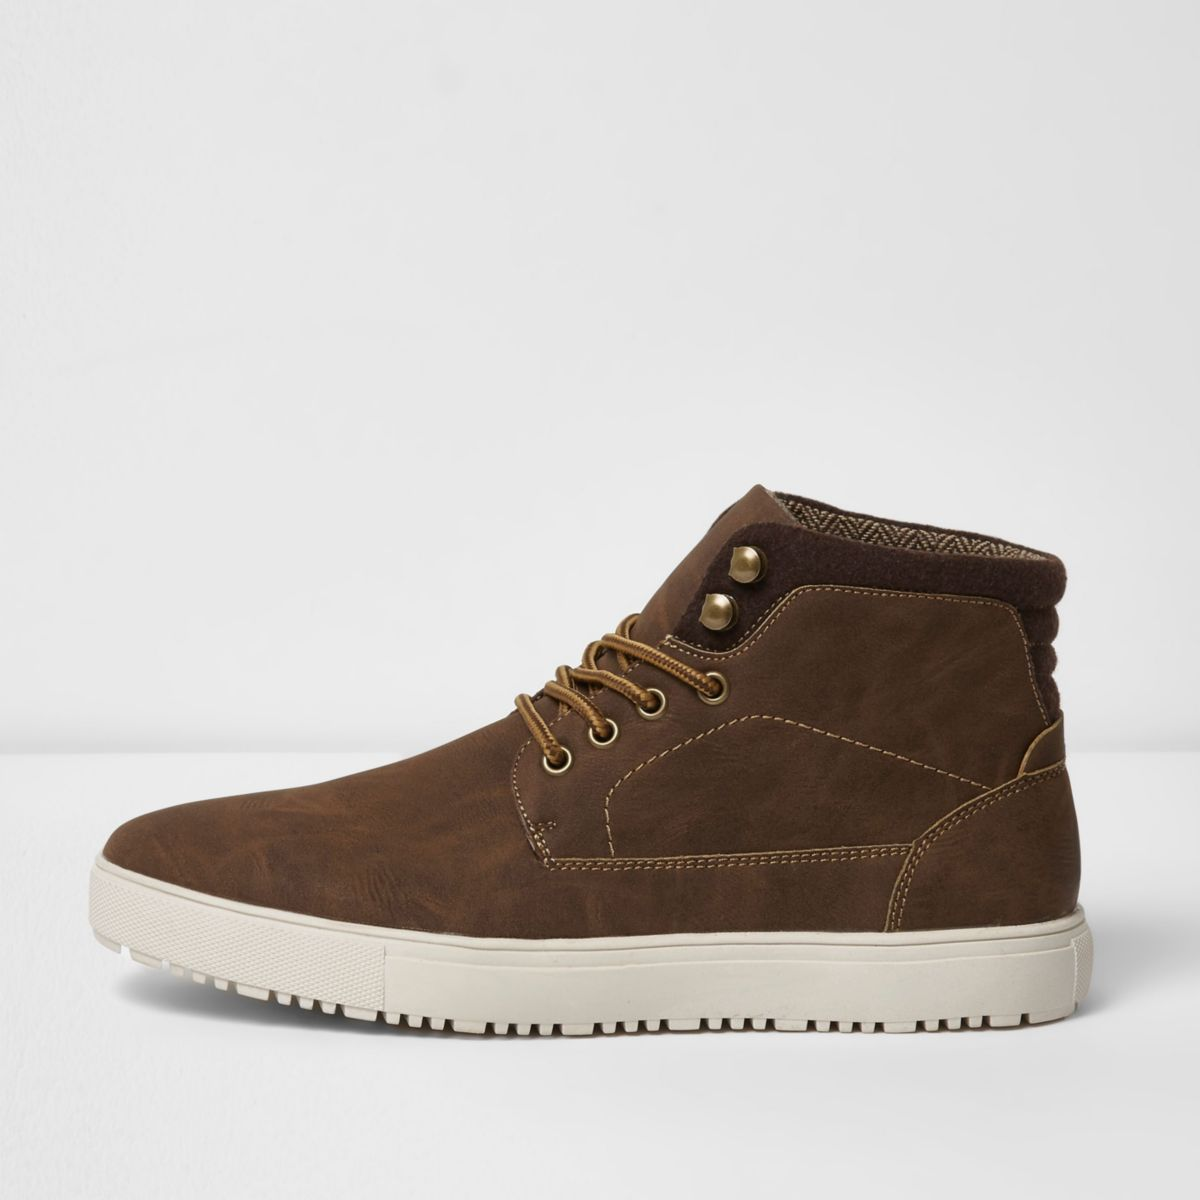 Bruine hoge sneakers met vetersluiting